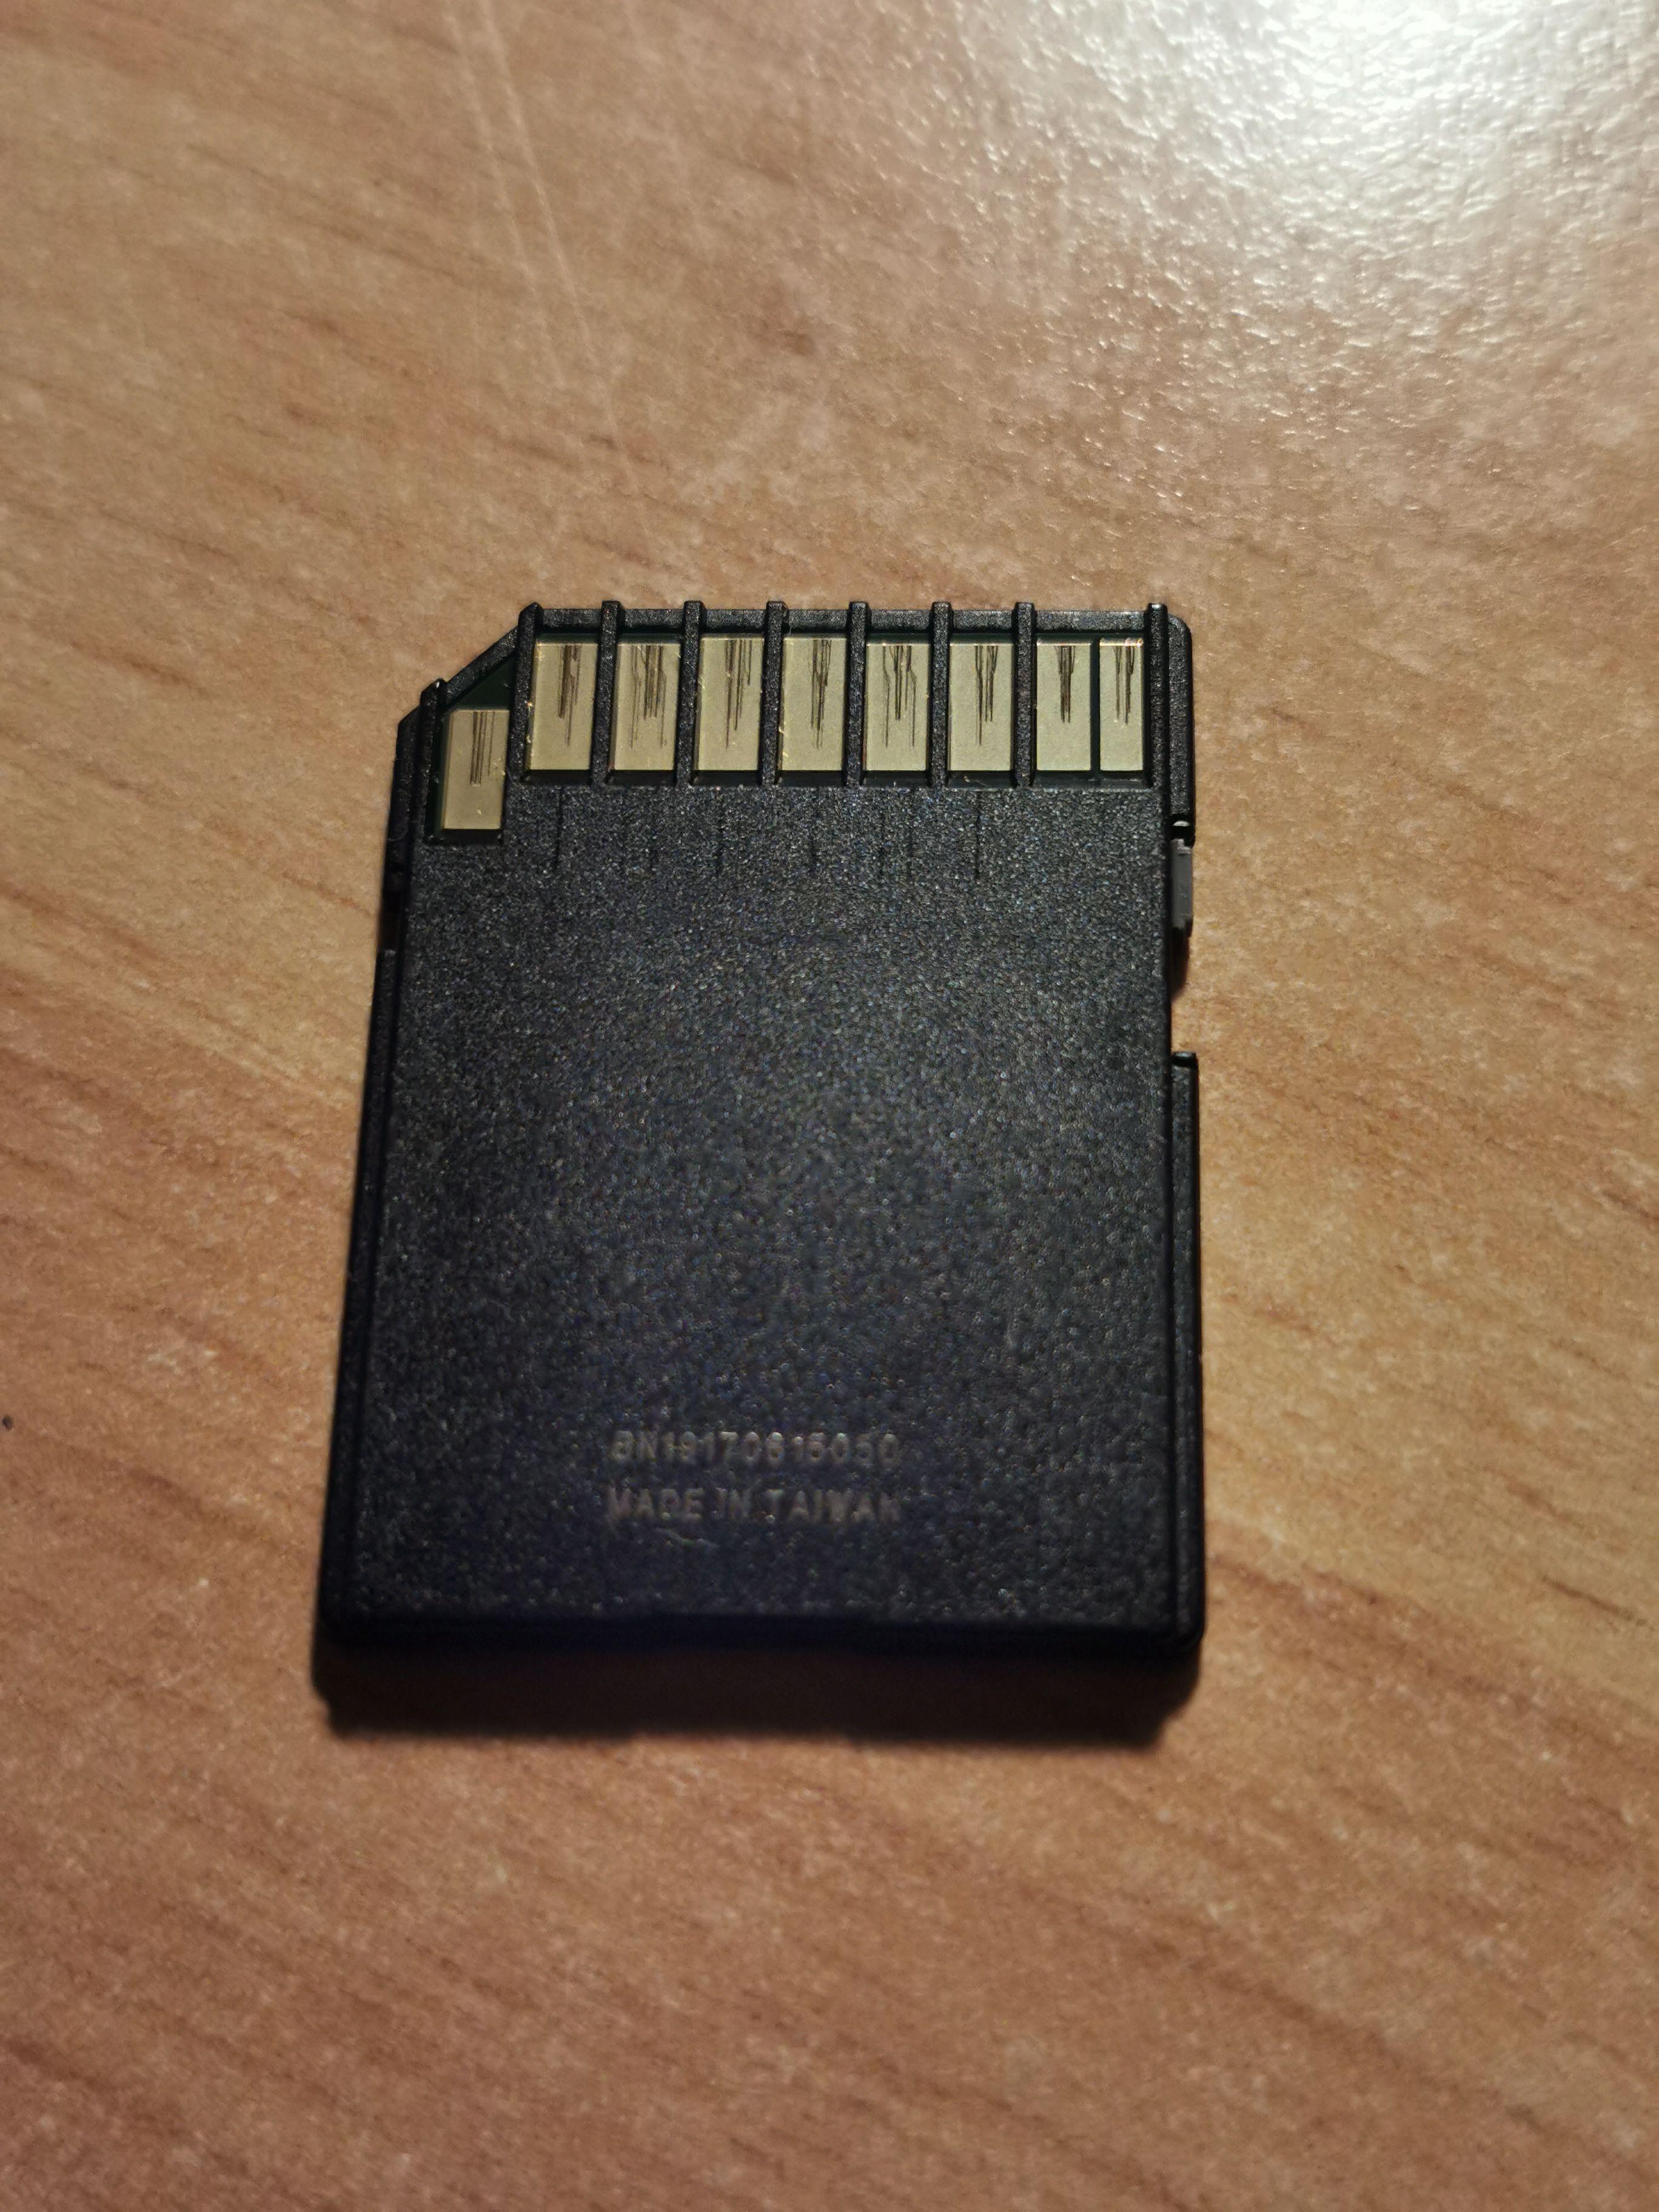 64GB Extreme PRO SDXC Classe 10 UHS-I per video 4K lettura 170mbs scrittura 90mbs V30